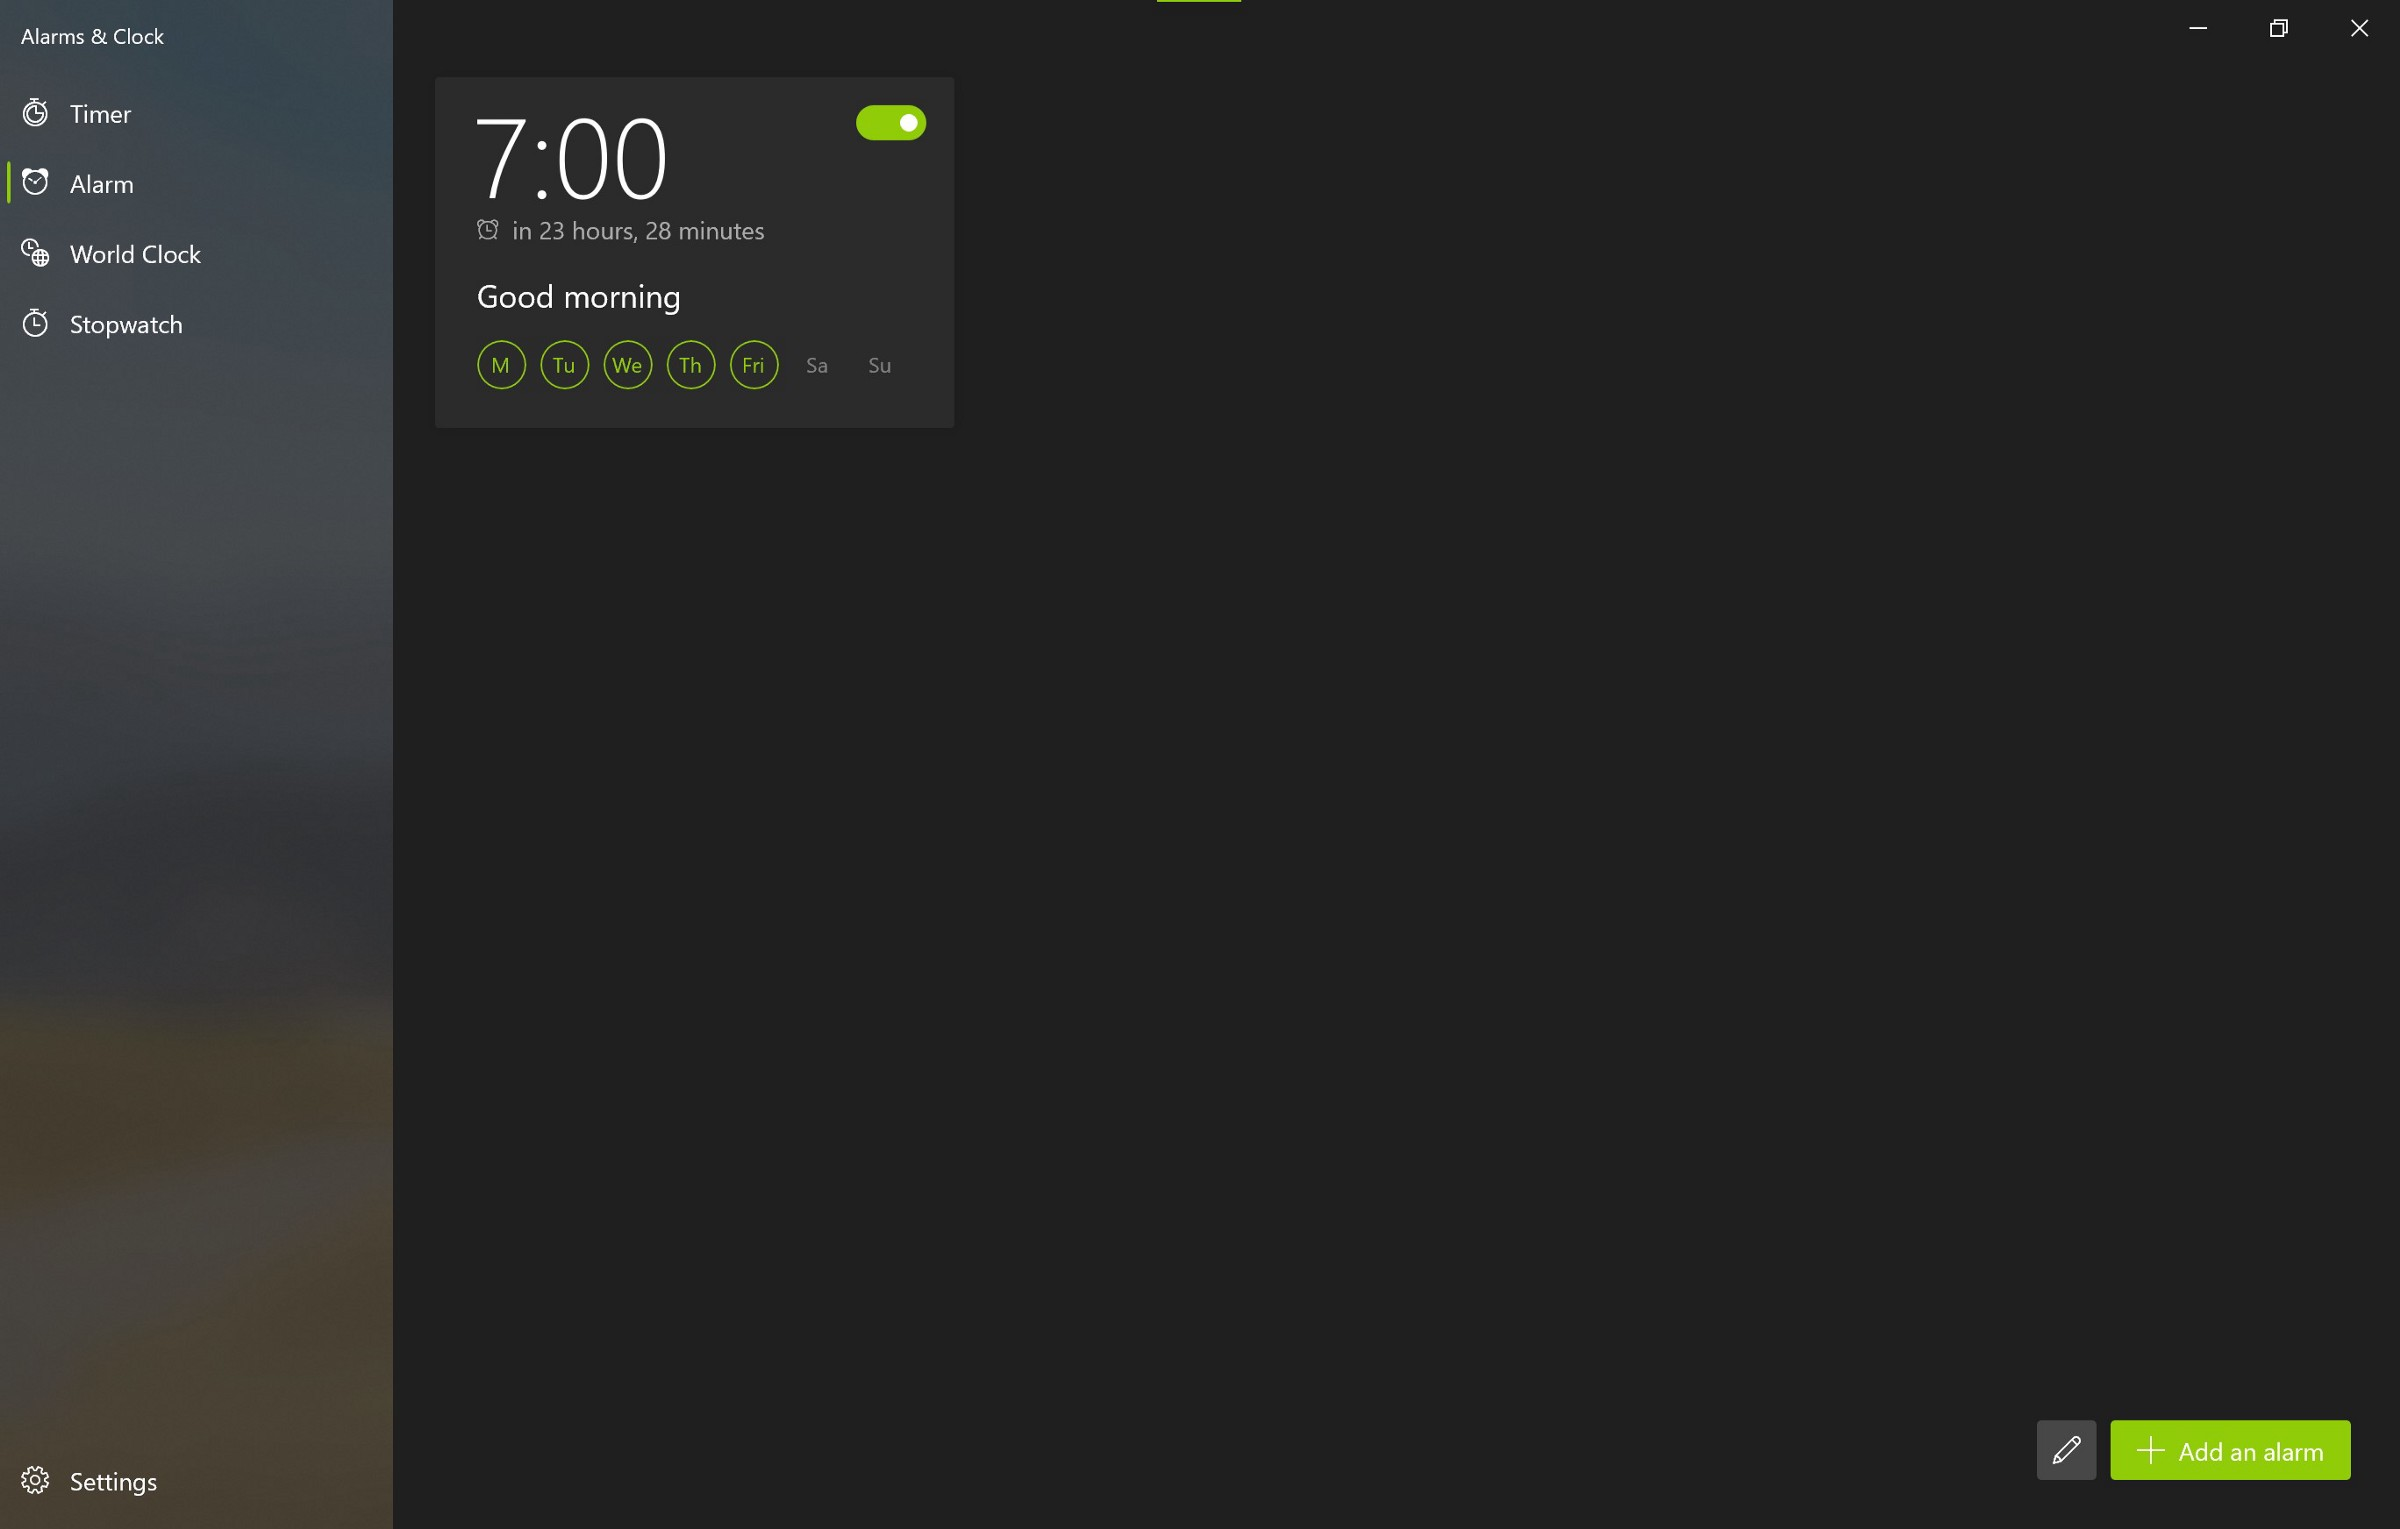 微软更新Windows 10附带的闹钟和时钟应用 带来更好的界面和视觉效果